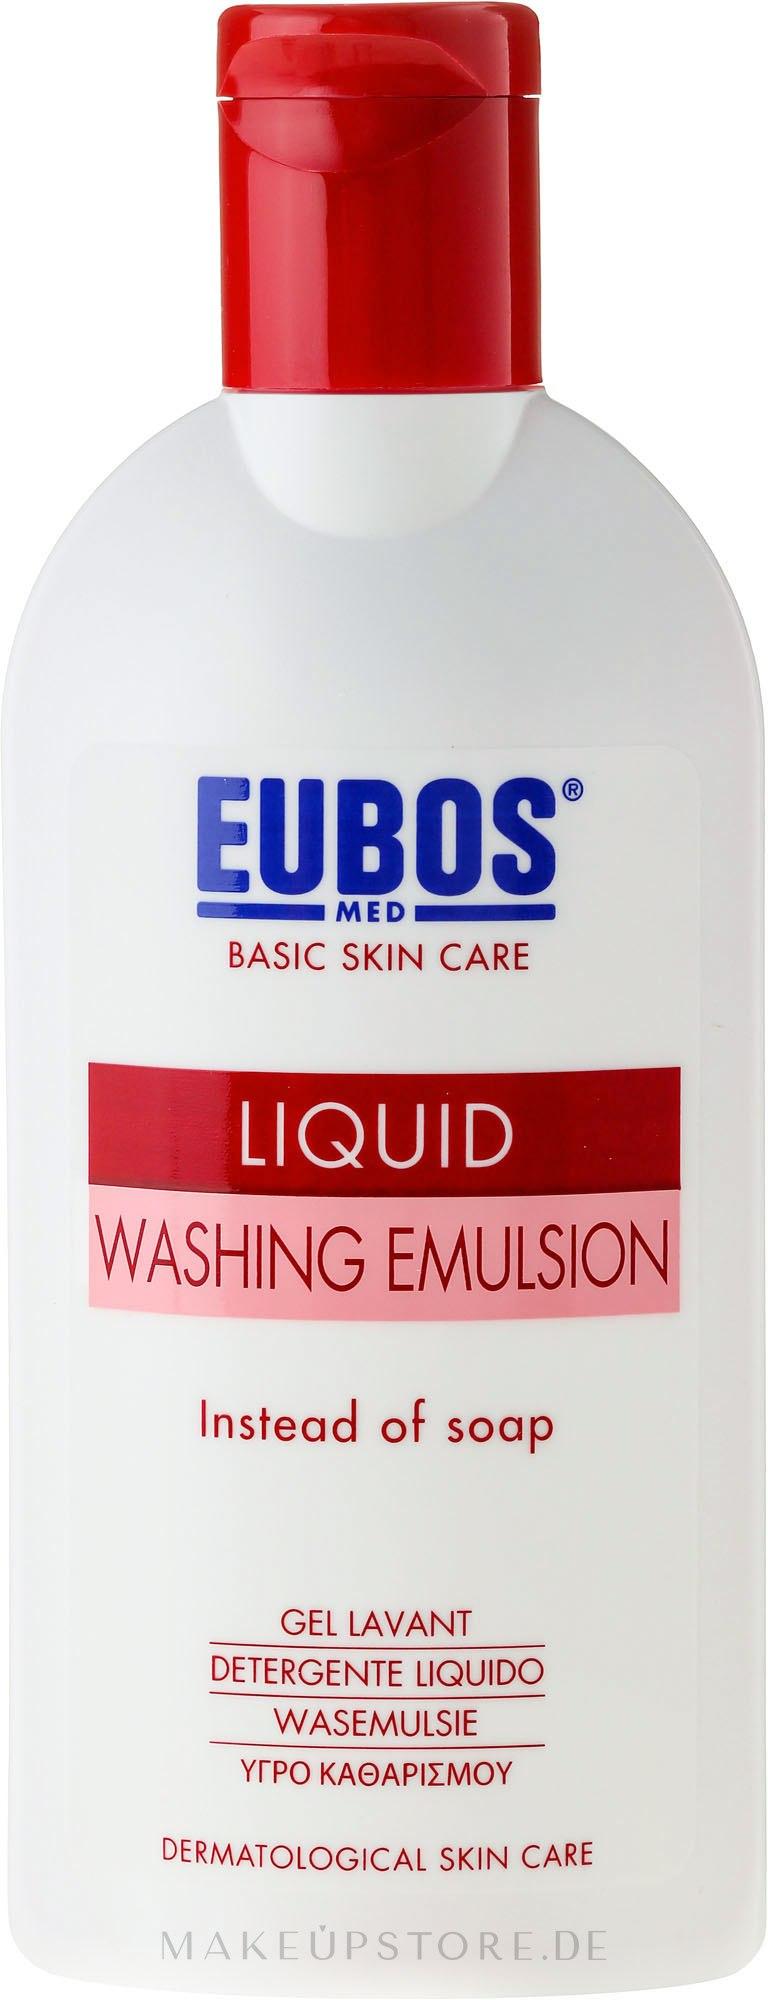 Flüssige Wasch-, Dusch- und Badeemulsion - Eubos Med Basic Skin Care Liquid Washing Emulsion Red — Bild 200 ml